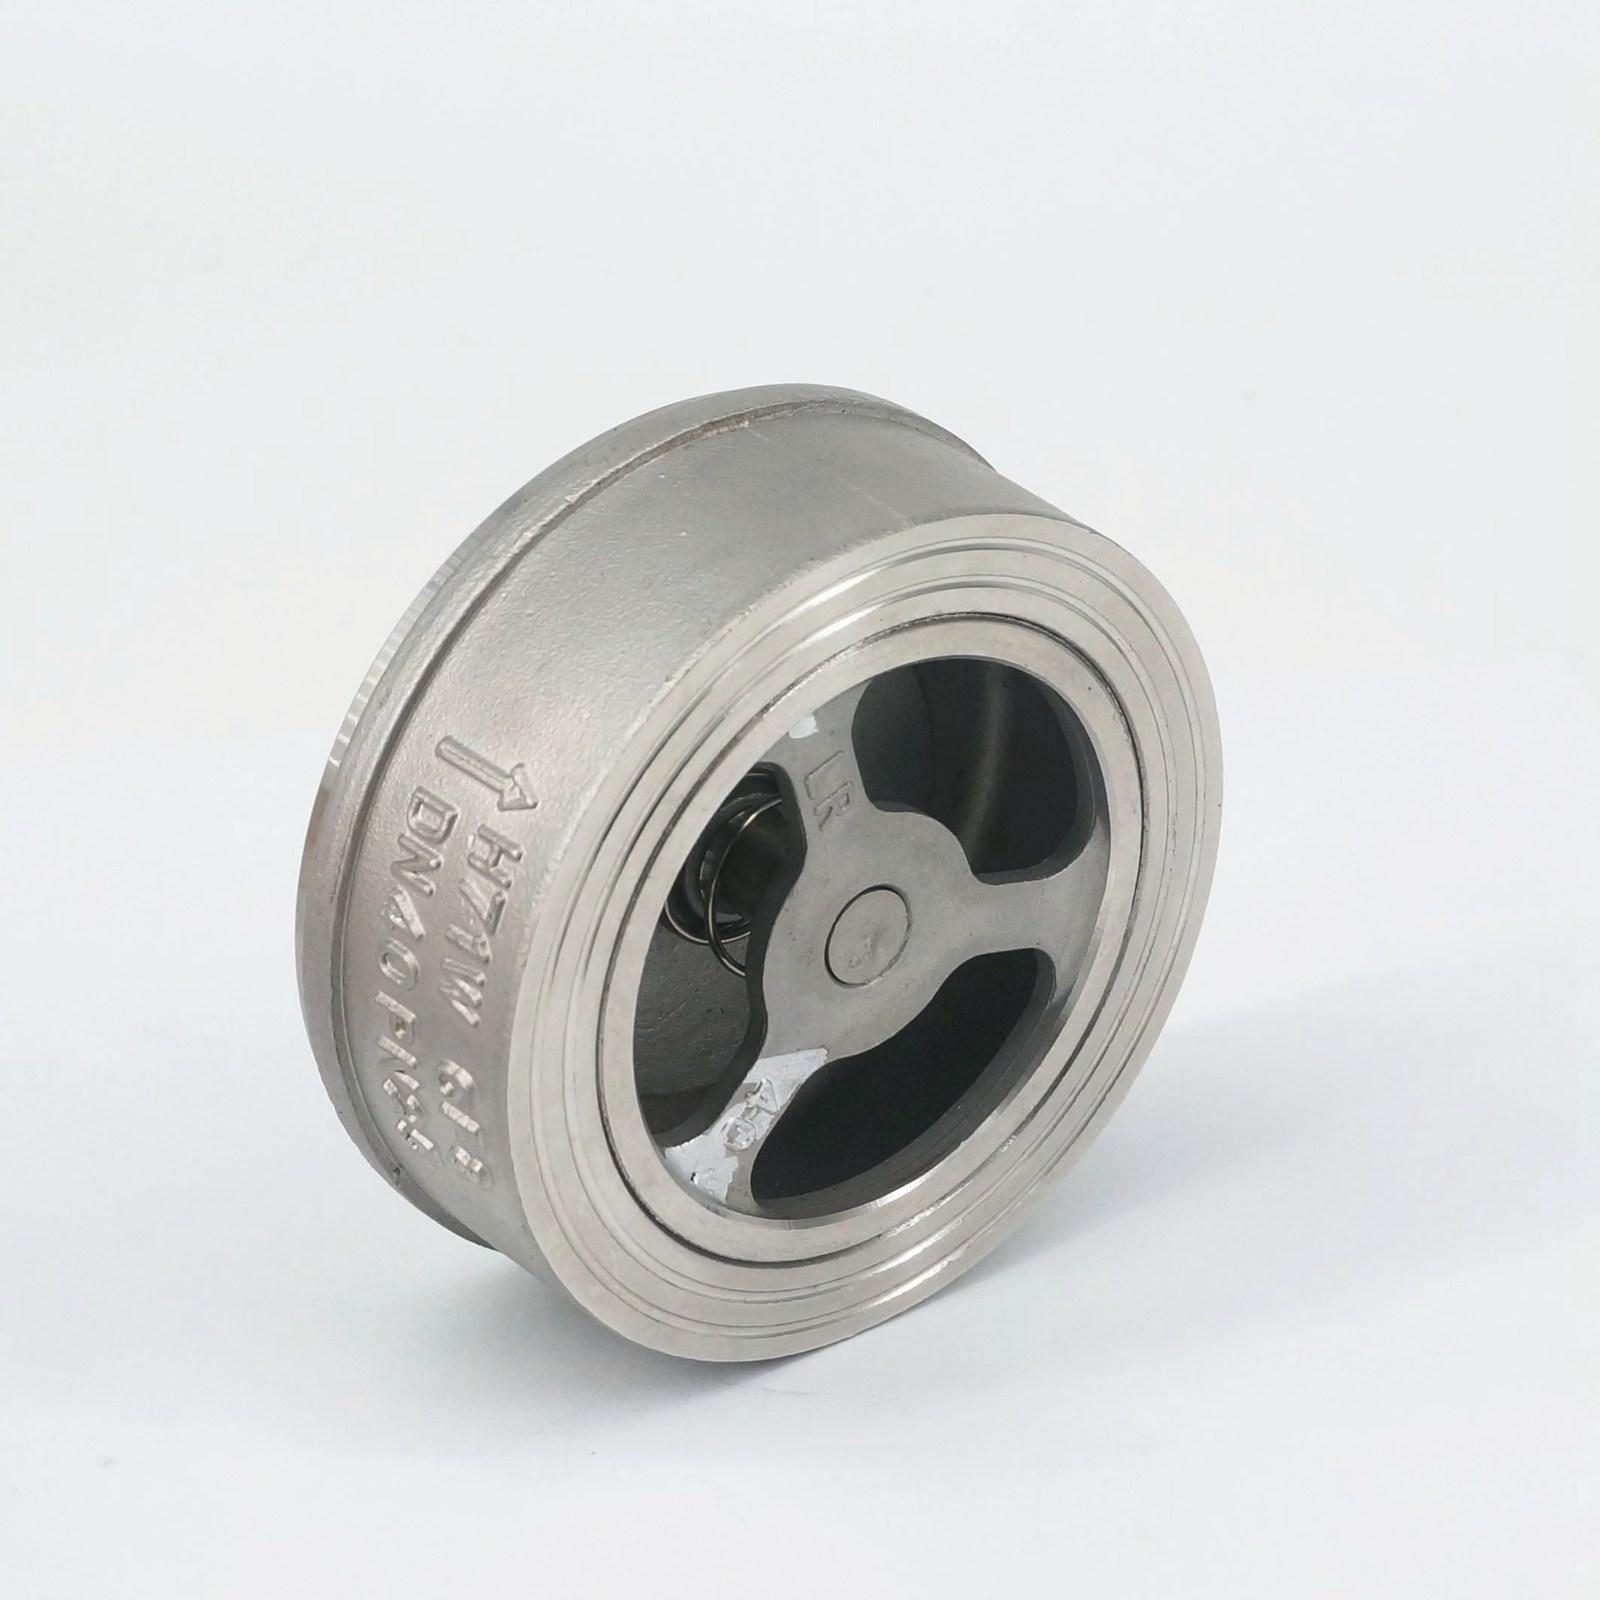 Dn40 1-1/2 304 Edelstahl Wafer Überprüfen Ventil Nicht-rückkehr Eine Möglichkeit Ventil Temperatur-196 C Zu 540 C Rohre & Armaturen Rohrverbindungsstücke